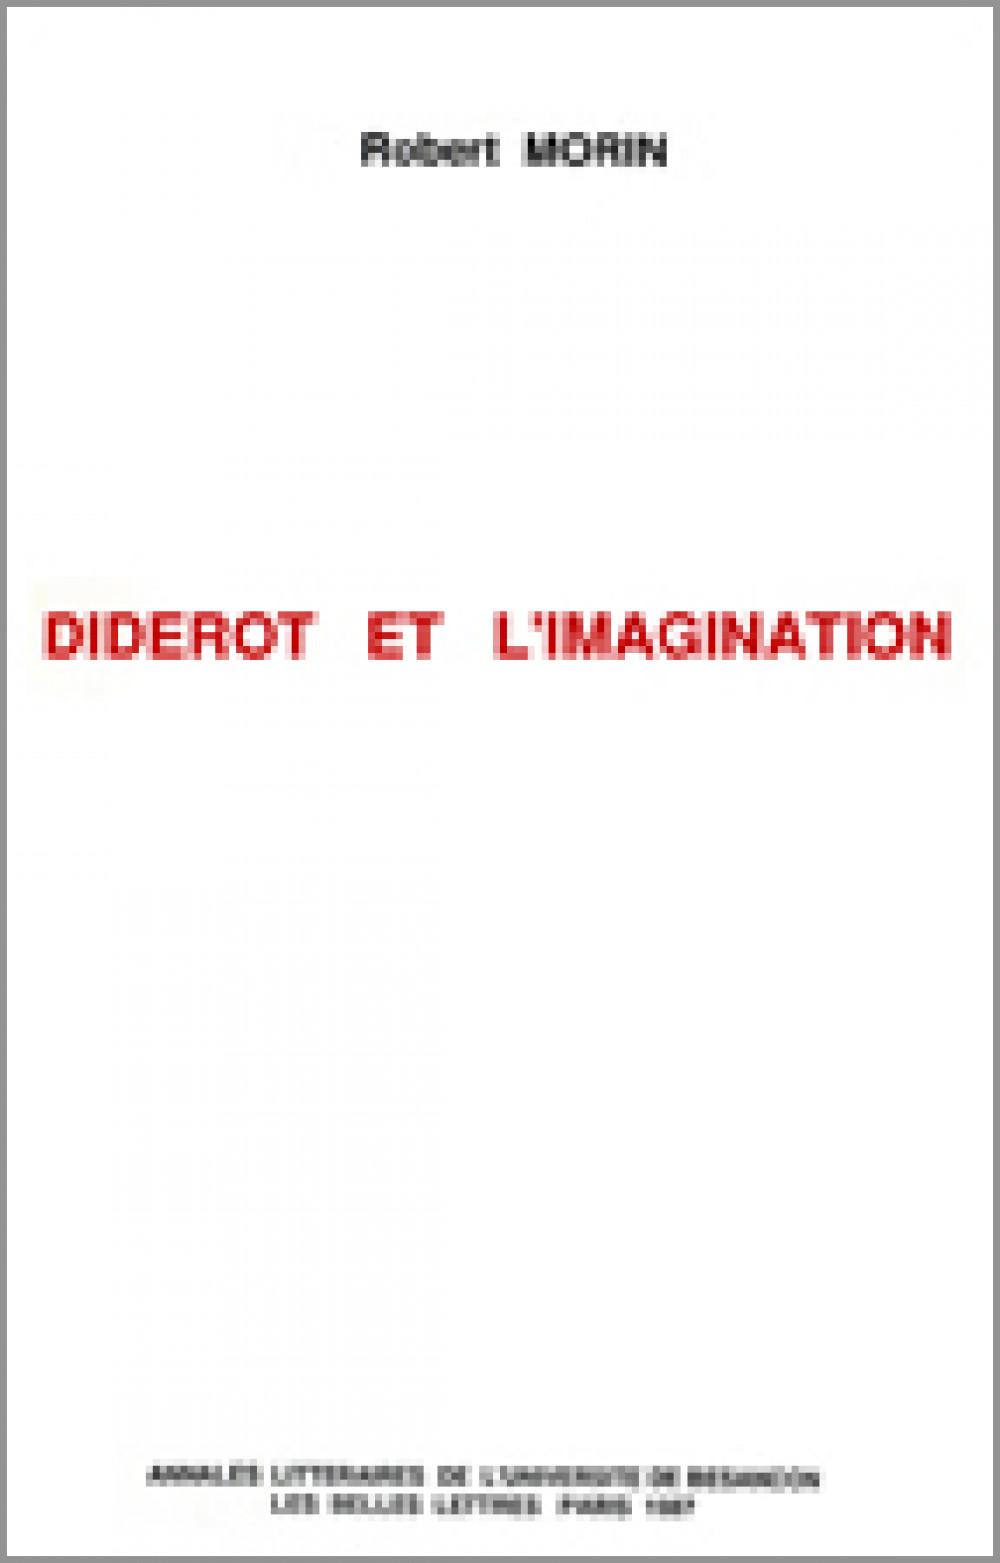 Diderot et l'imagination